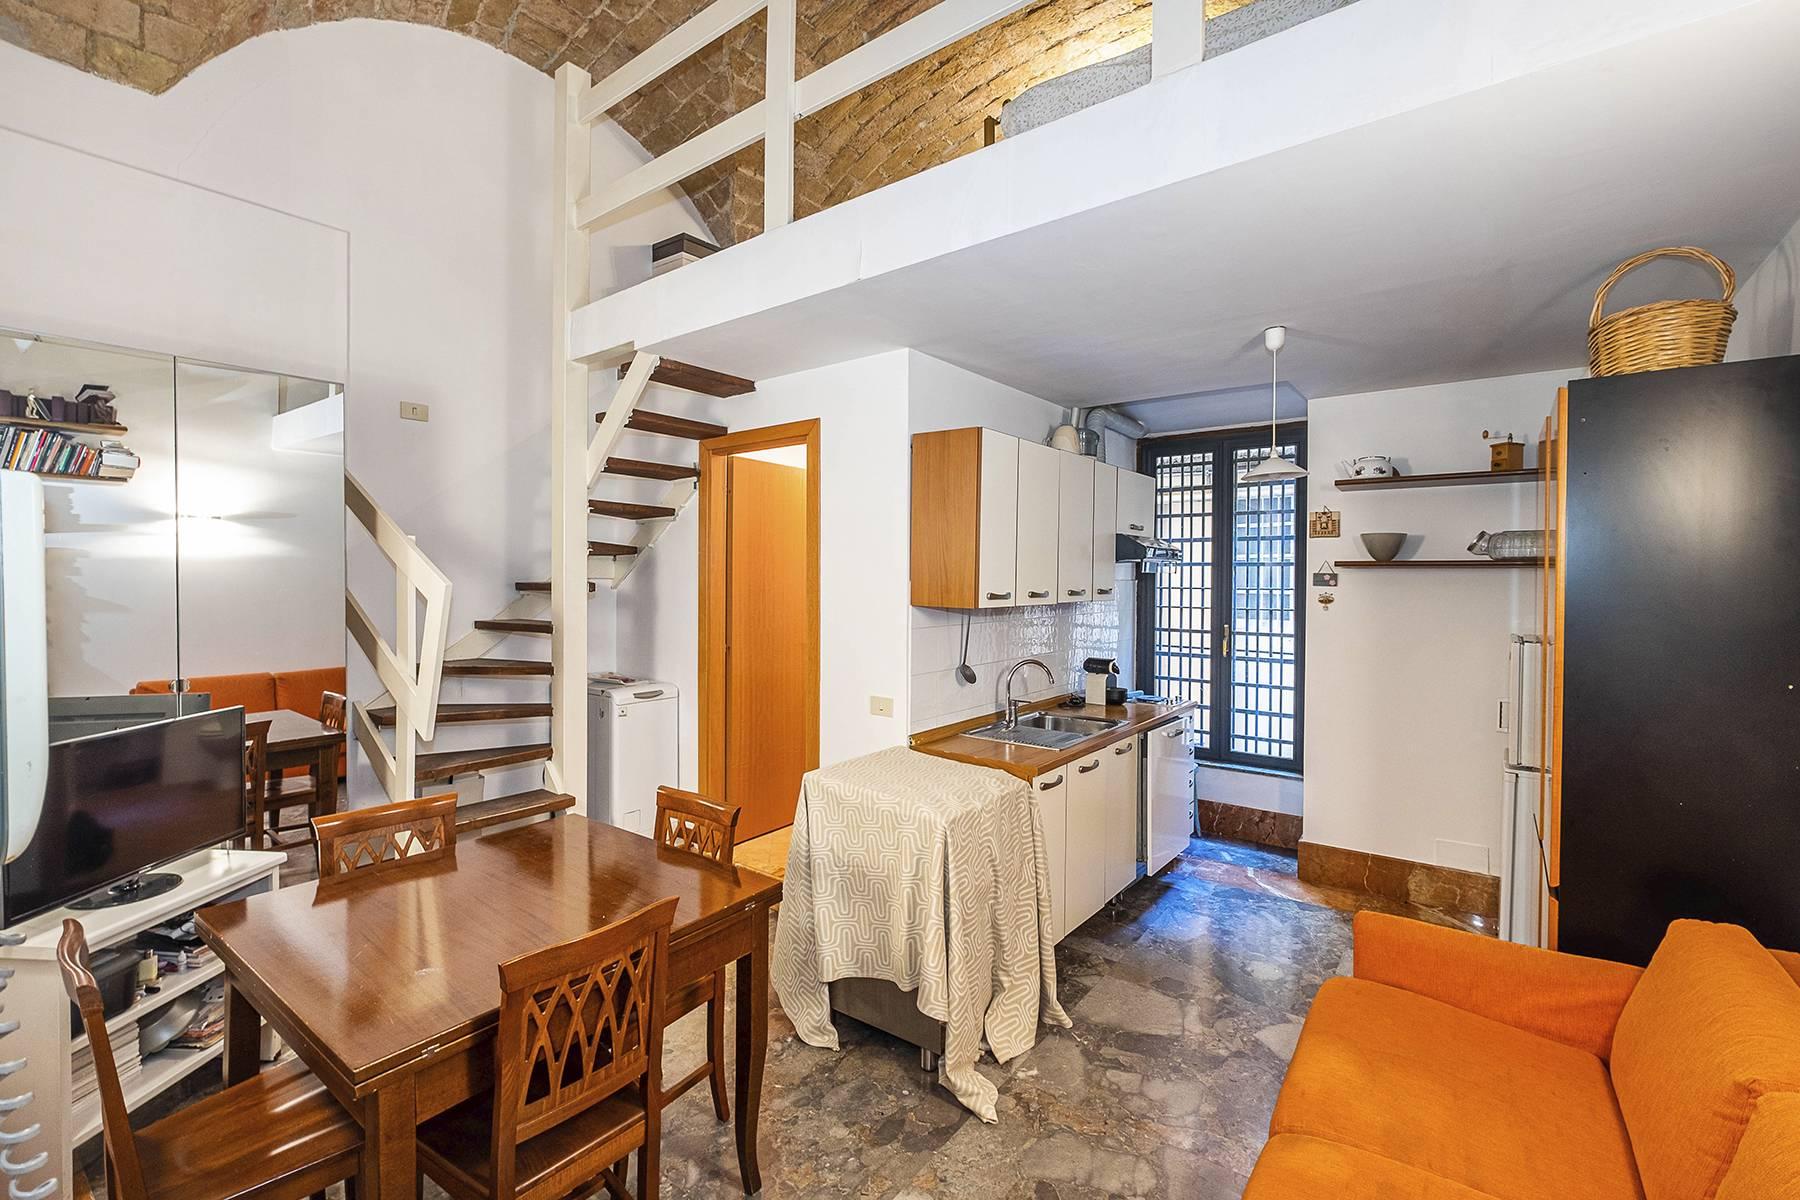 Appartamento in Affitto a Roma 03 Trieste / Somalia / Salario:  2 locali, 35 mq  - Foto 1